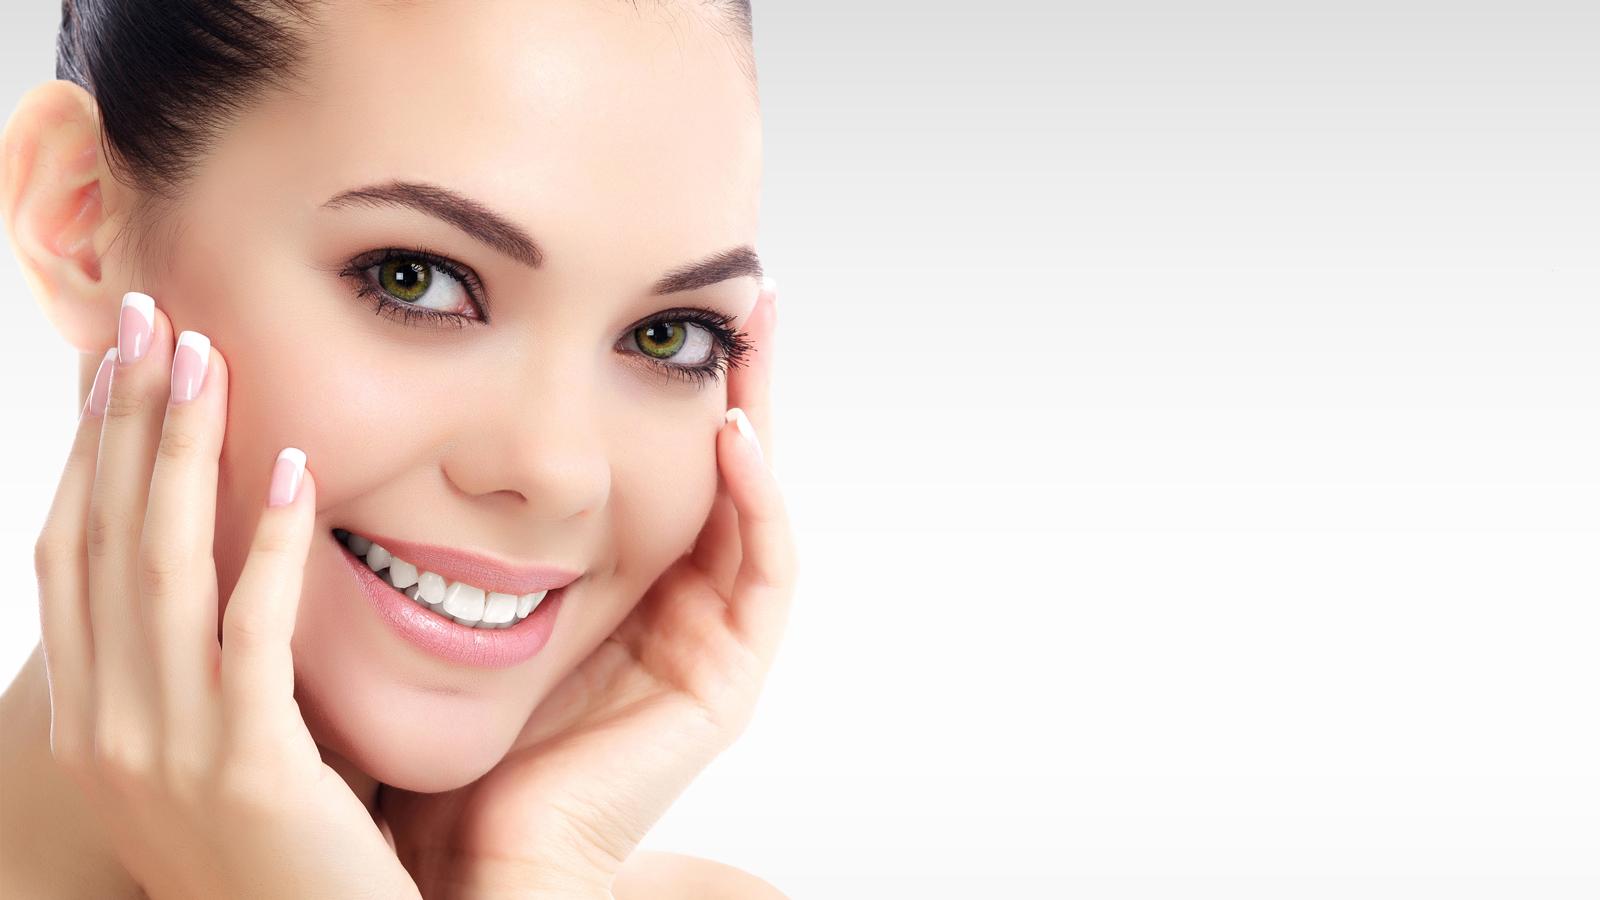 La qualité de la peau par des injections d'acide hyaluronique